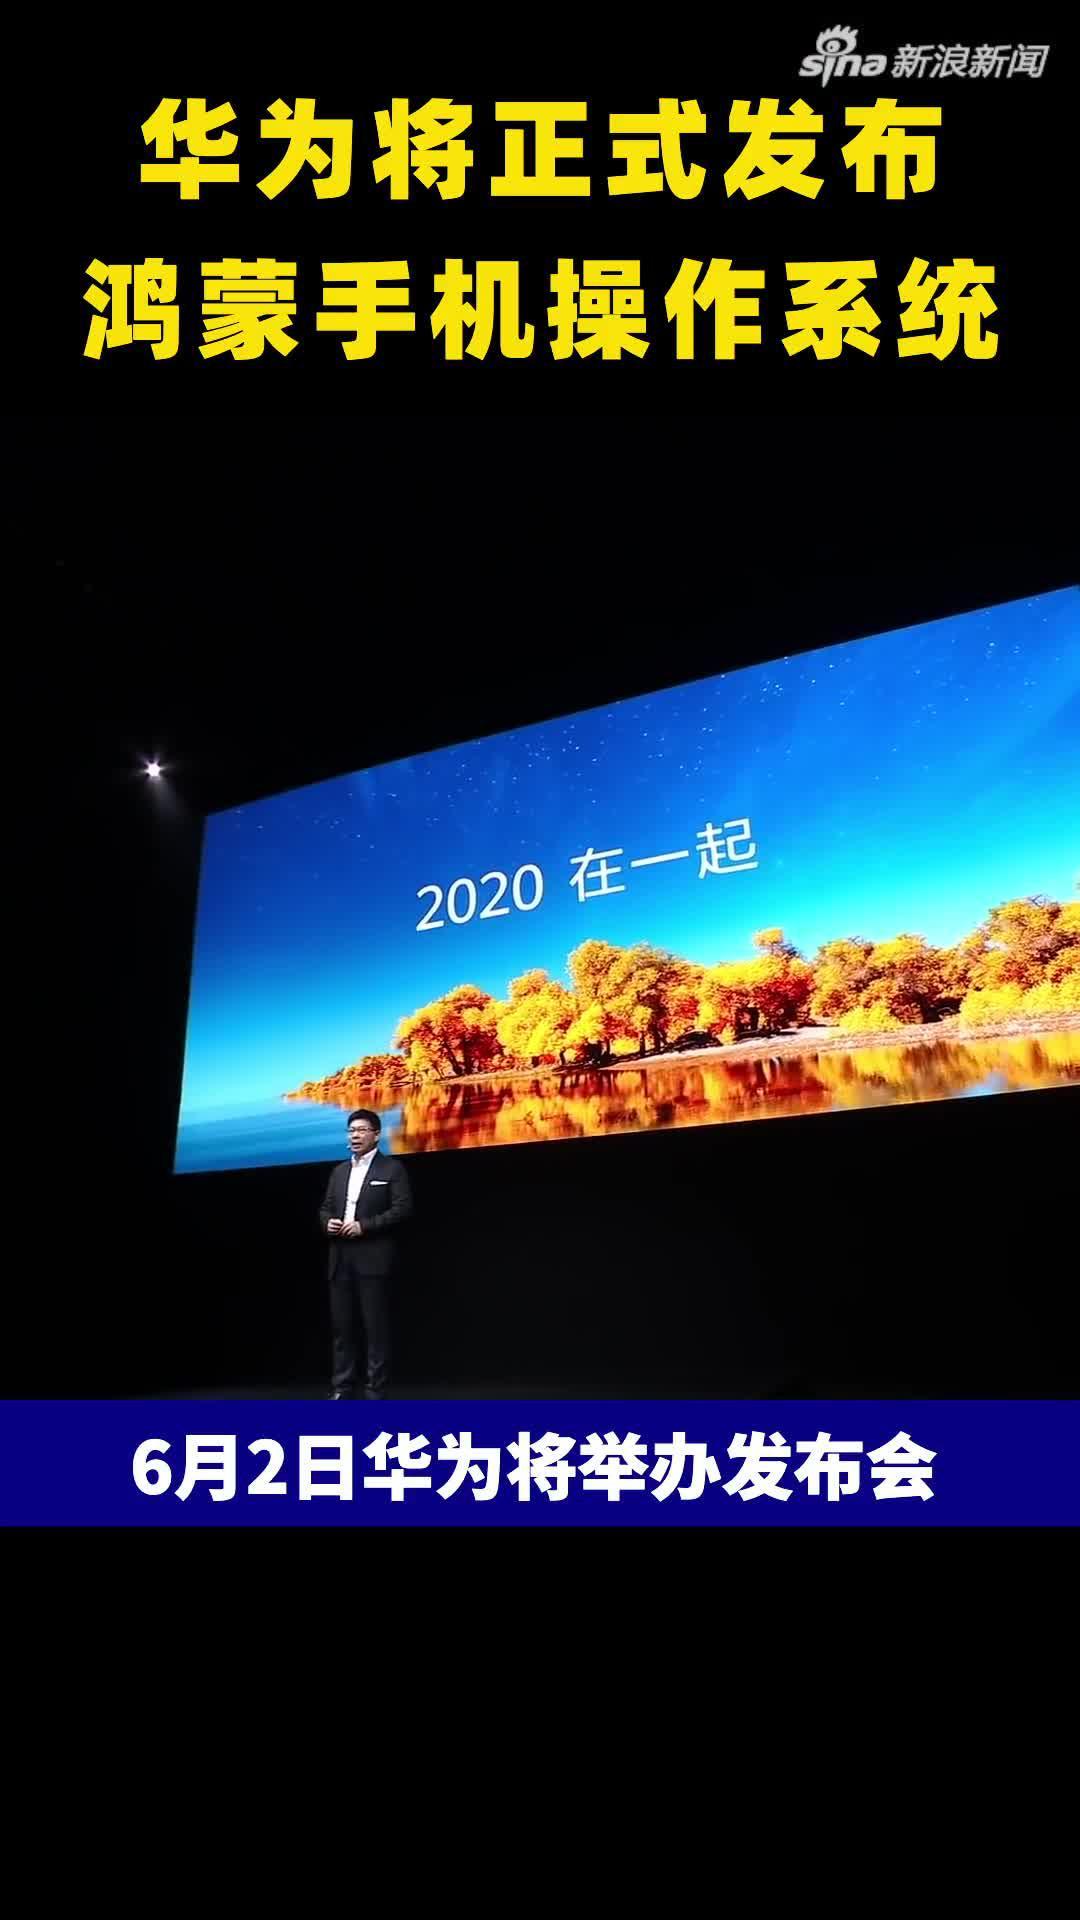 华为将正式发布鸿蒙手机操作系统